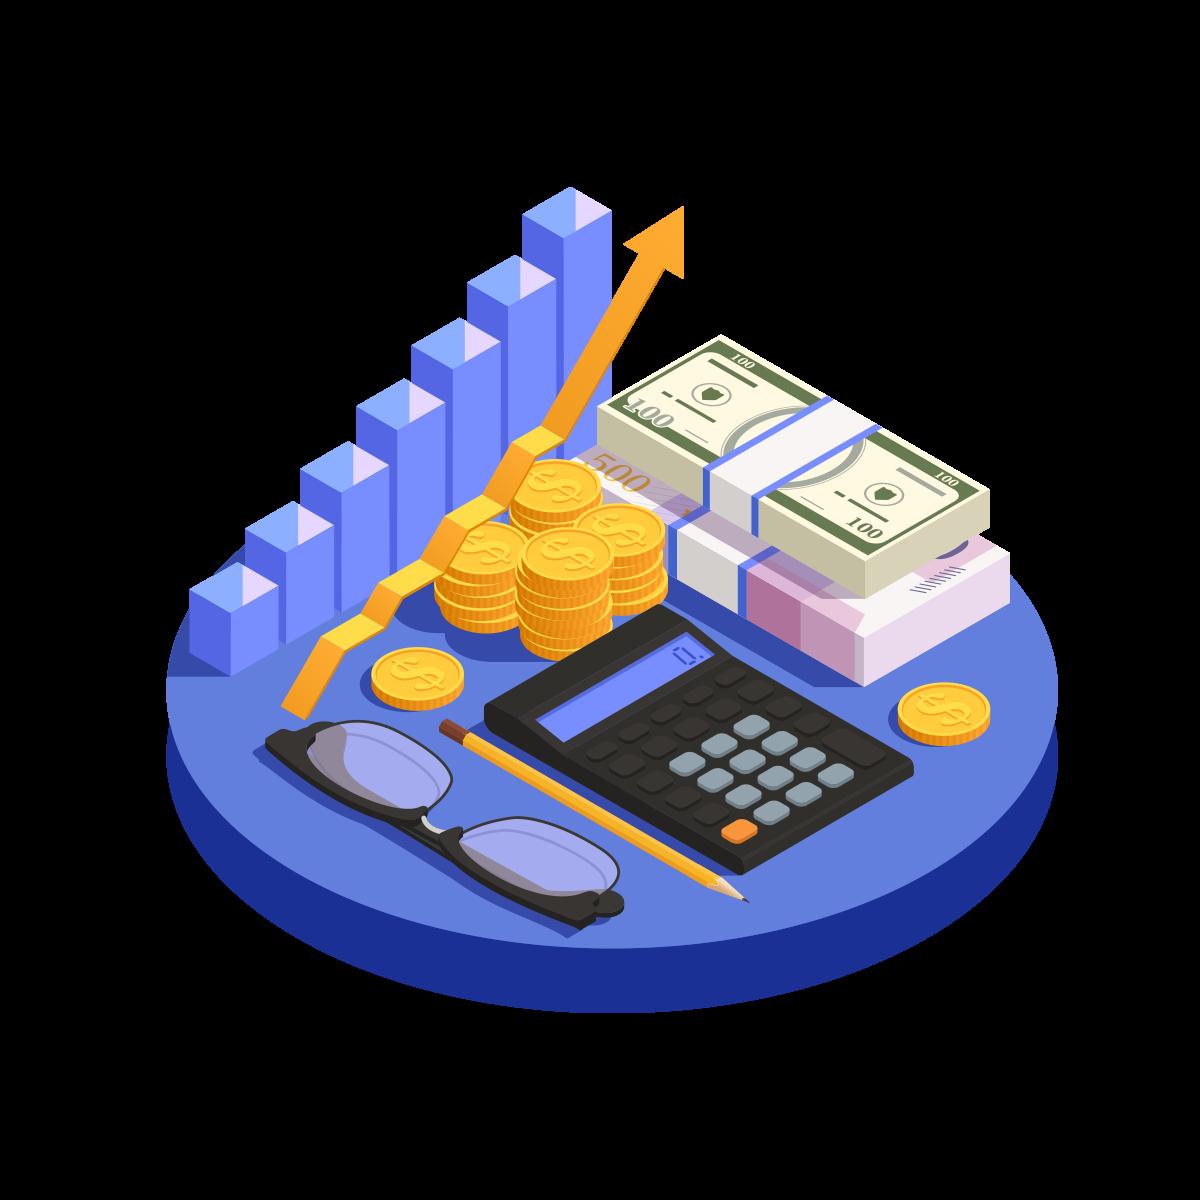 Spółka LTD - wysoka kwota wolna od podatku